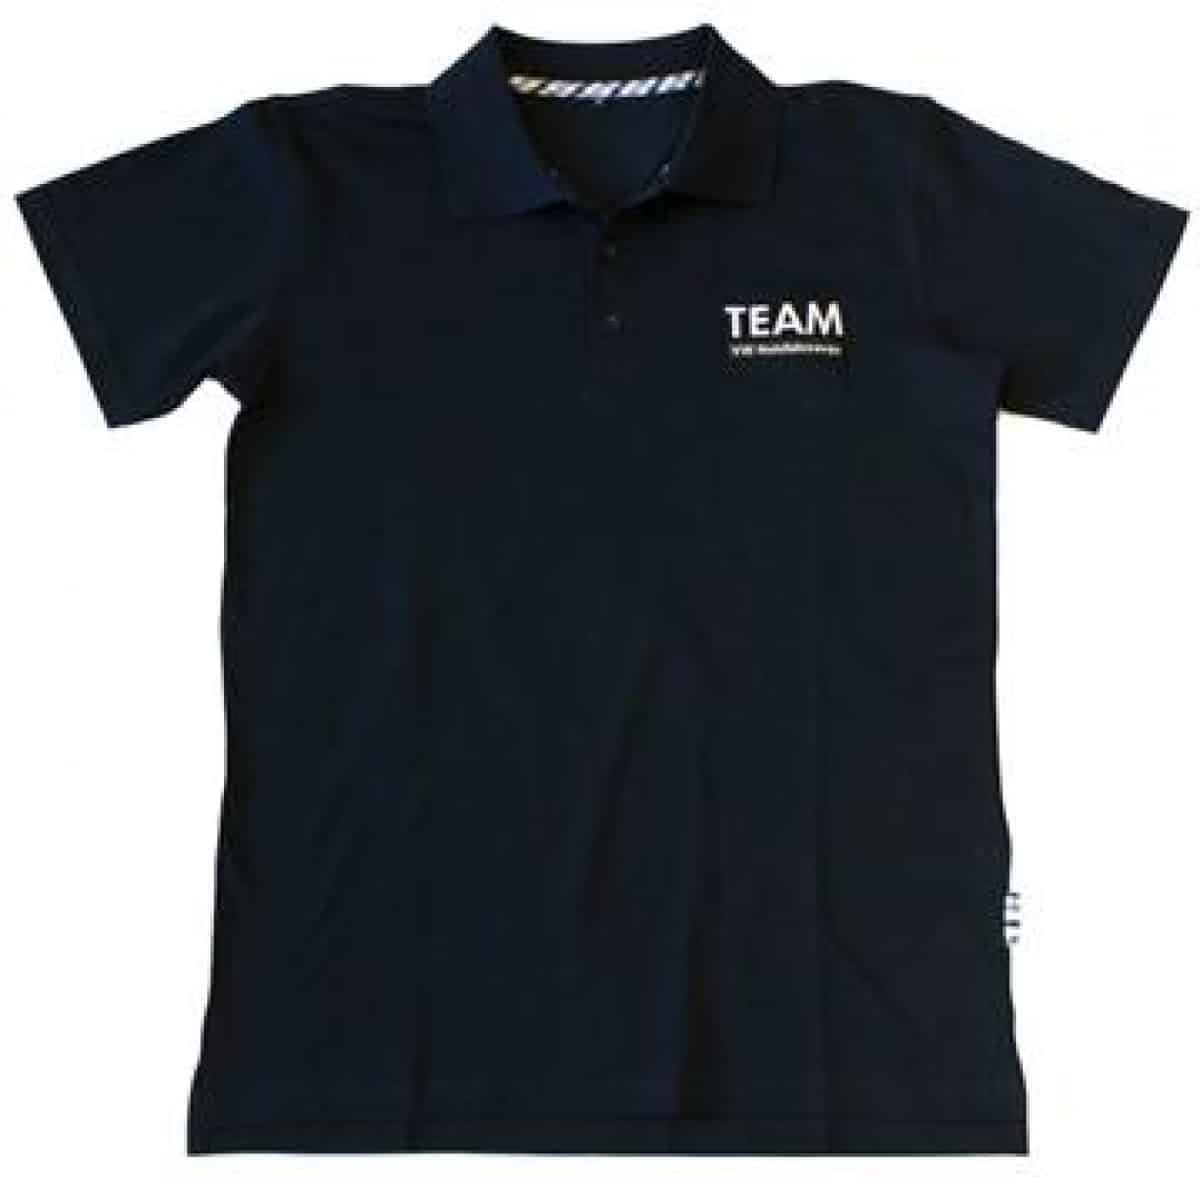 VW-Volkswagen-Poloshirt-Mitarbeiterbekleidung-Teamwear-Messebekleidung-Corporate-Fashion-Sonderproduktion